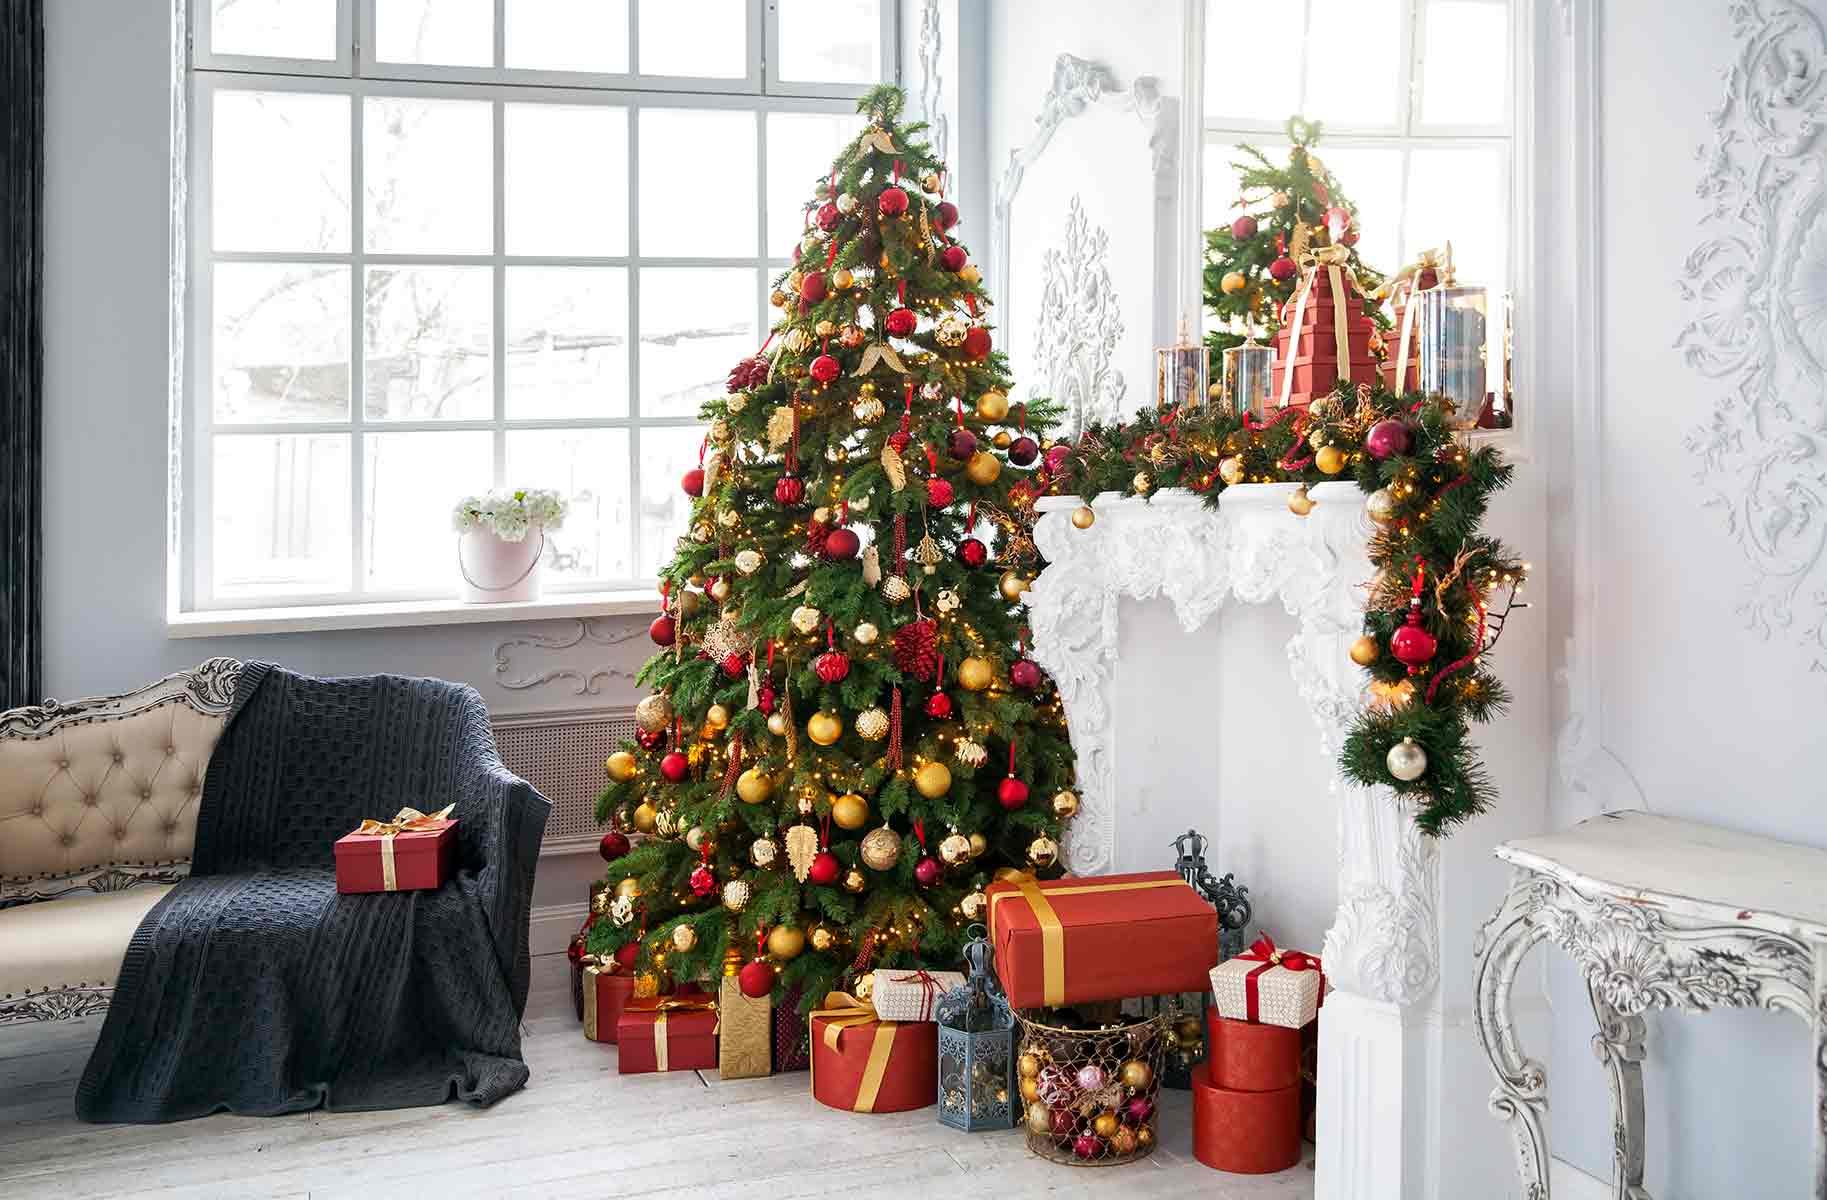 Biscotti Finti Per Albero Di Natale.Consigli Per Decorare Il Tuo Albero Di Natale Il Gigante Centri Commerciali